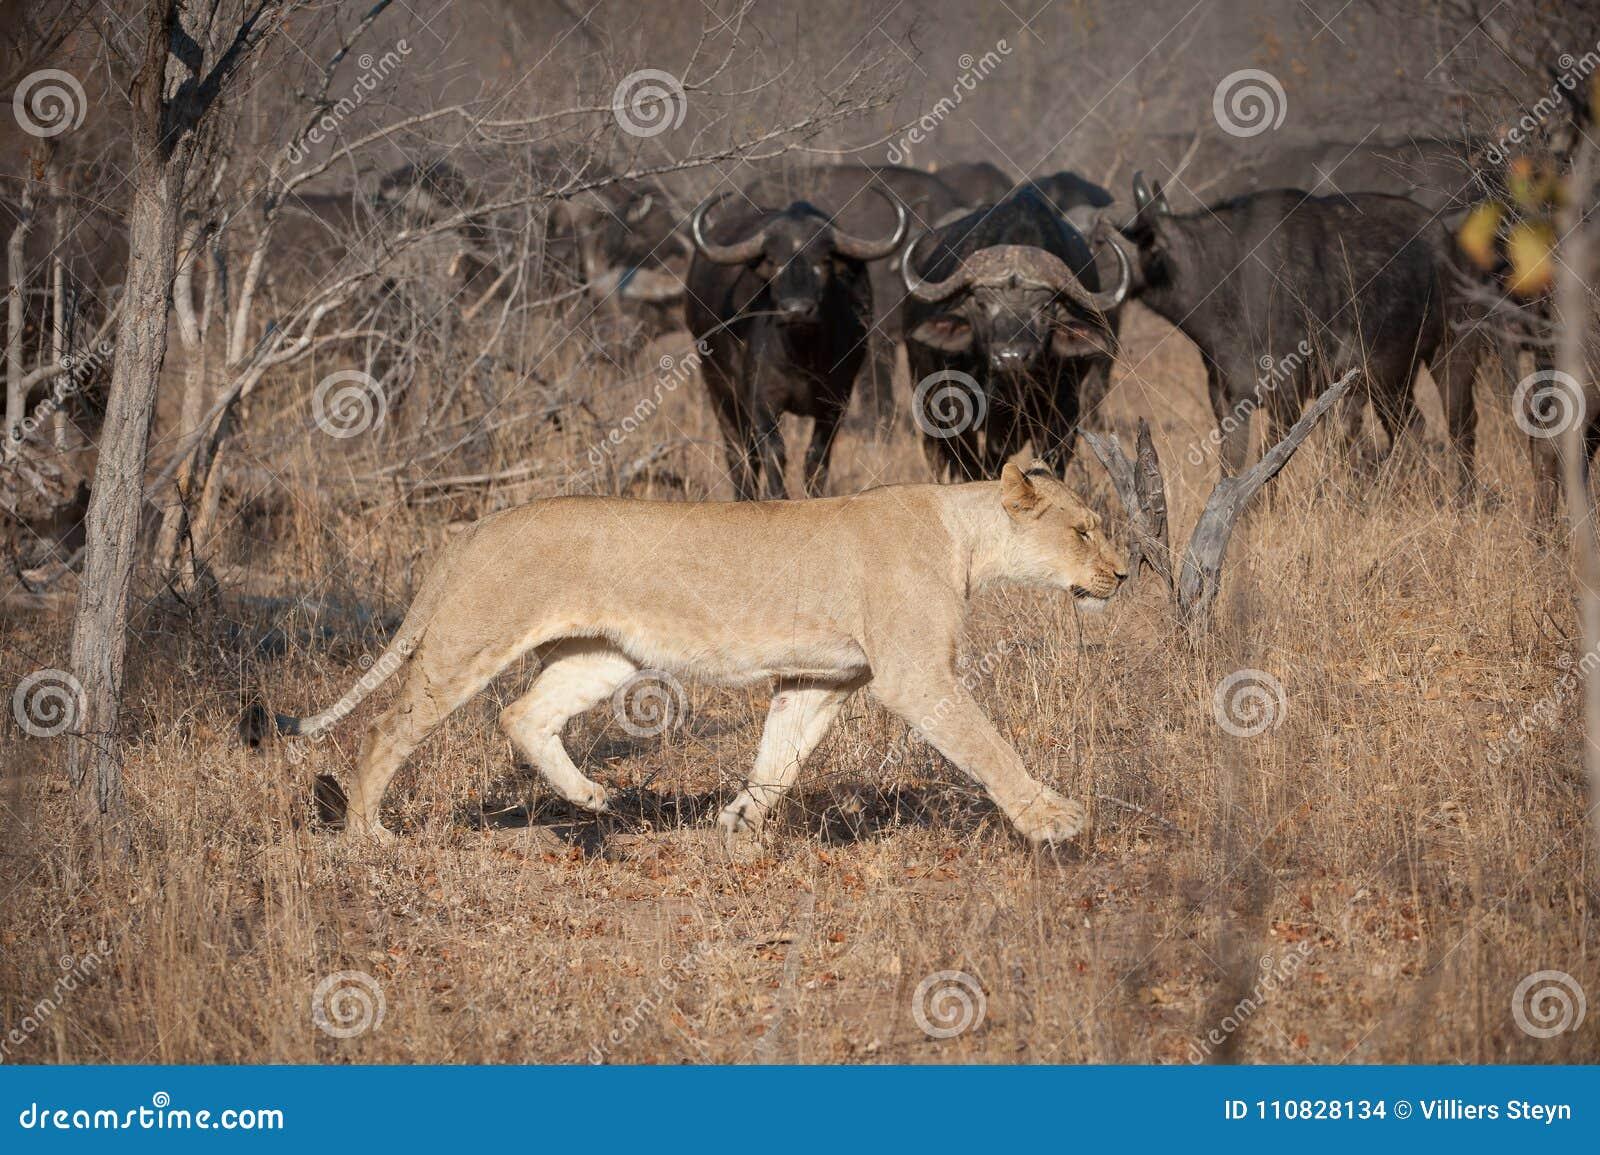 Eine Löwin, die durch trockenes Gras während eine Herde von Büffeluhren vorsichtig geht